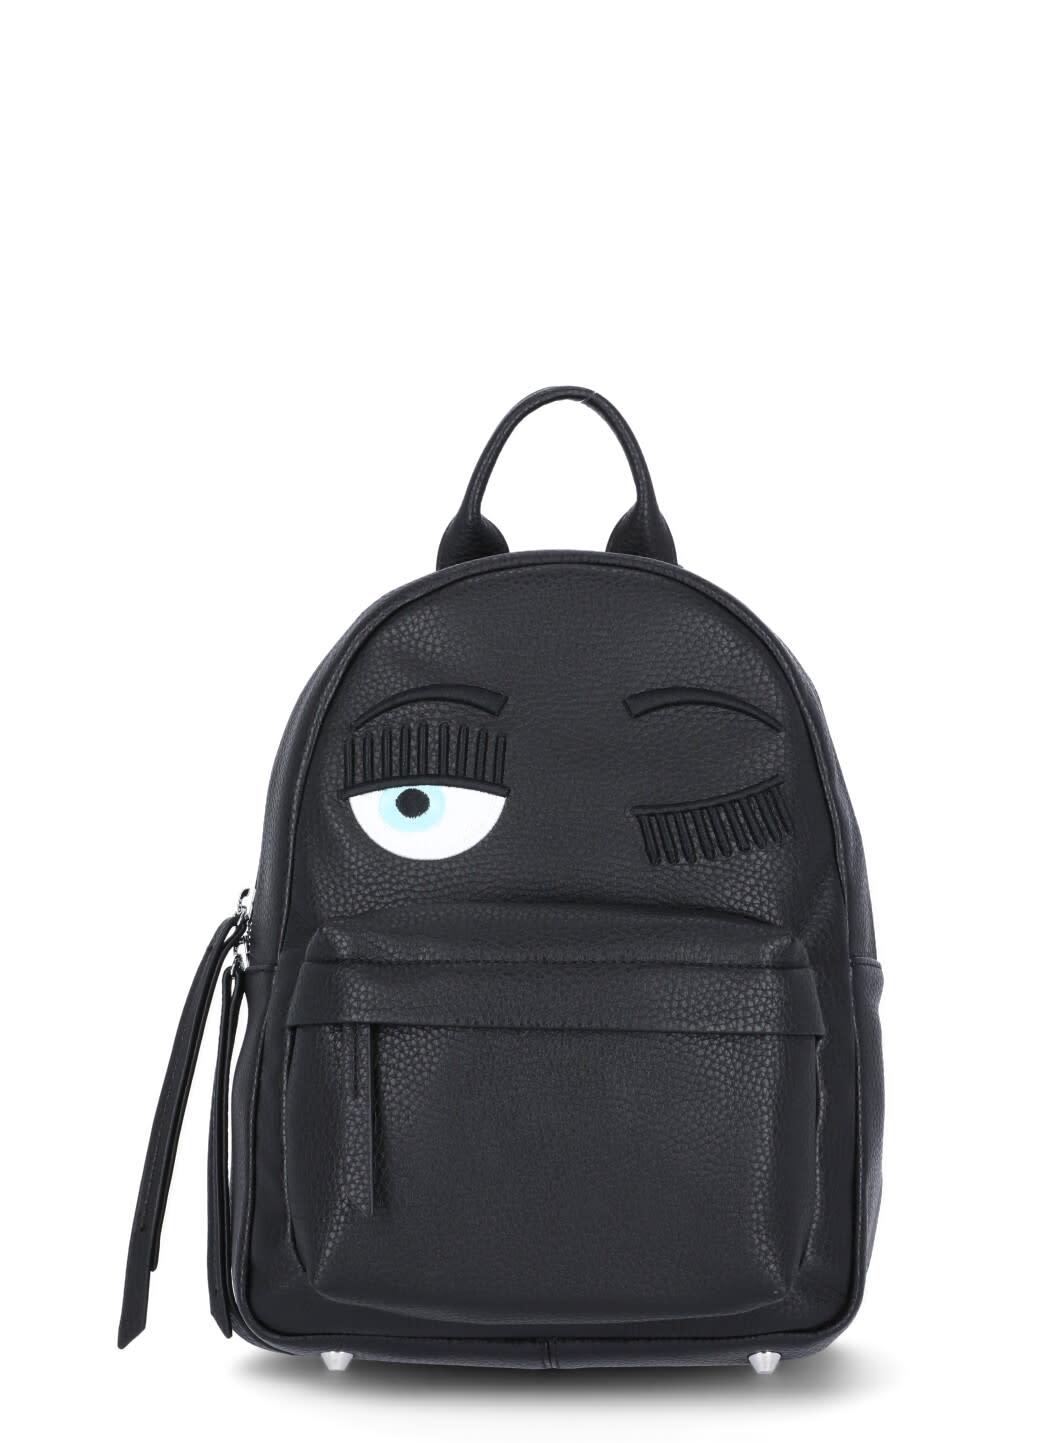 Chiara Ferragni Eco Leather Backpack